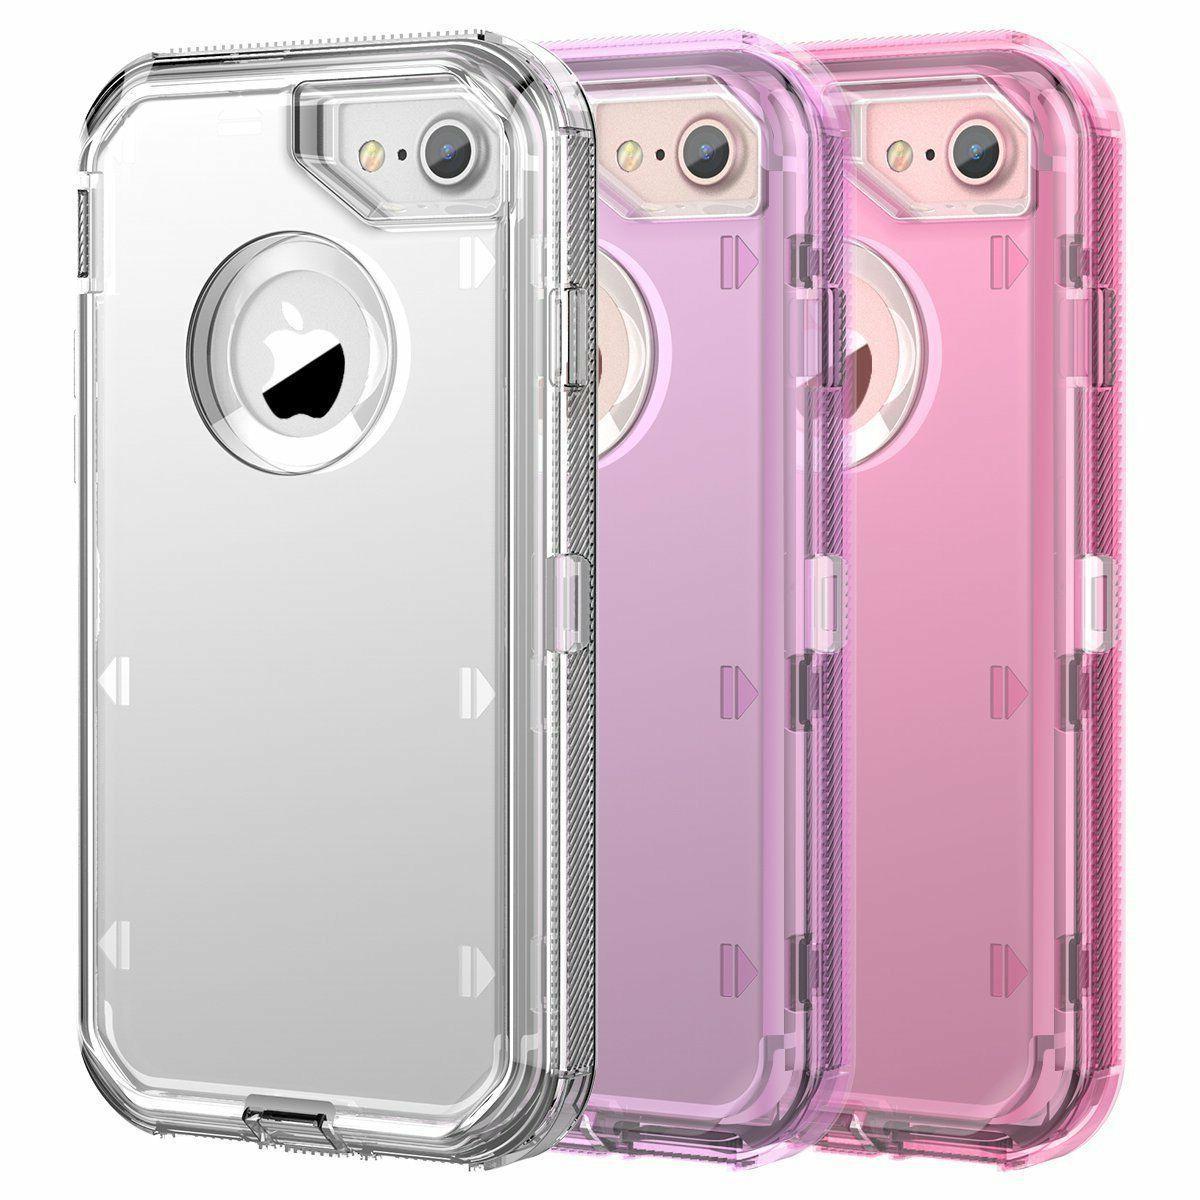 iphone 8 7 plus 6s 5